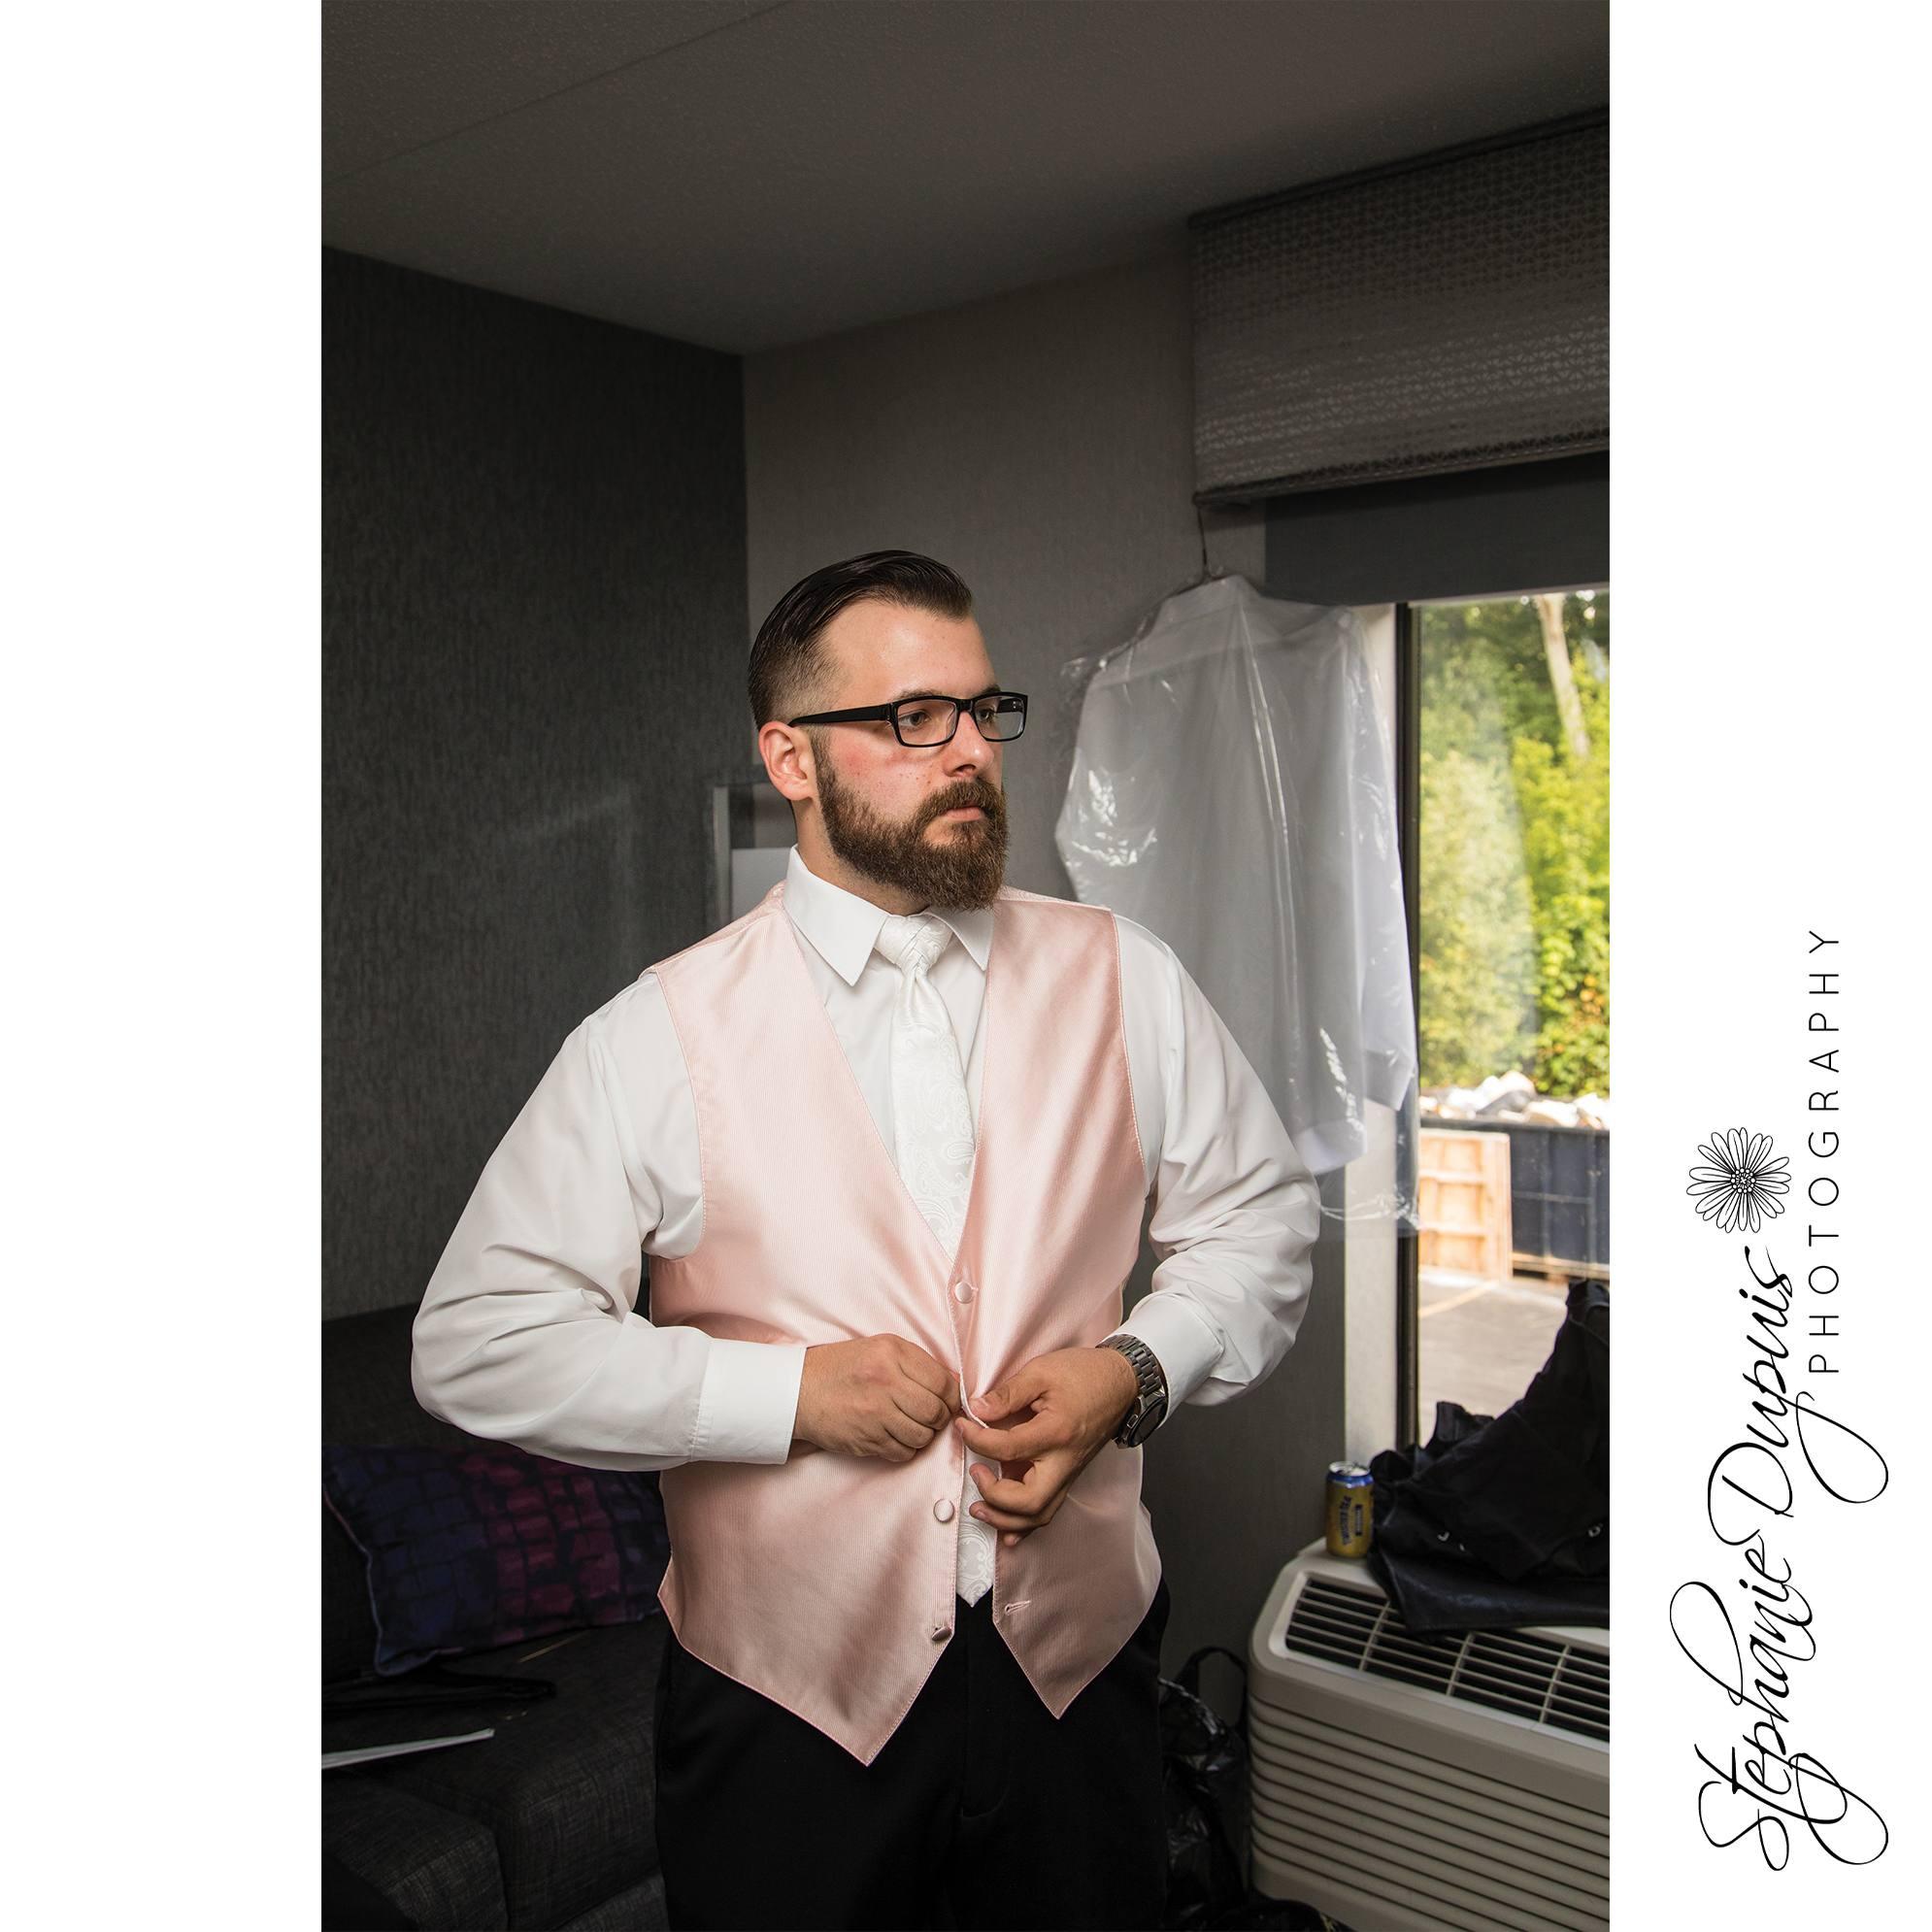 Gaffney 8 - Portfolio: Gaffney Wedding